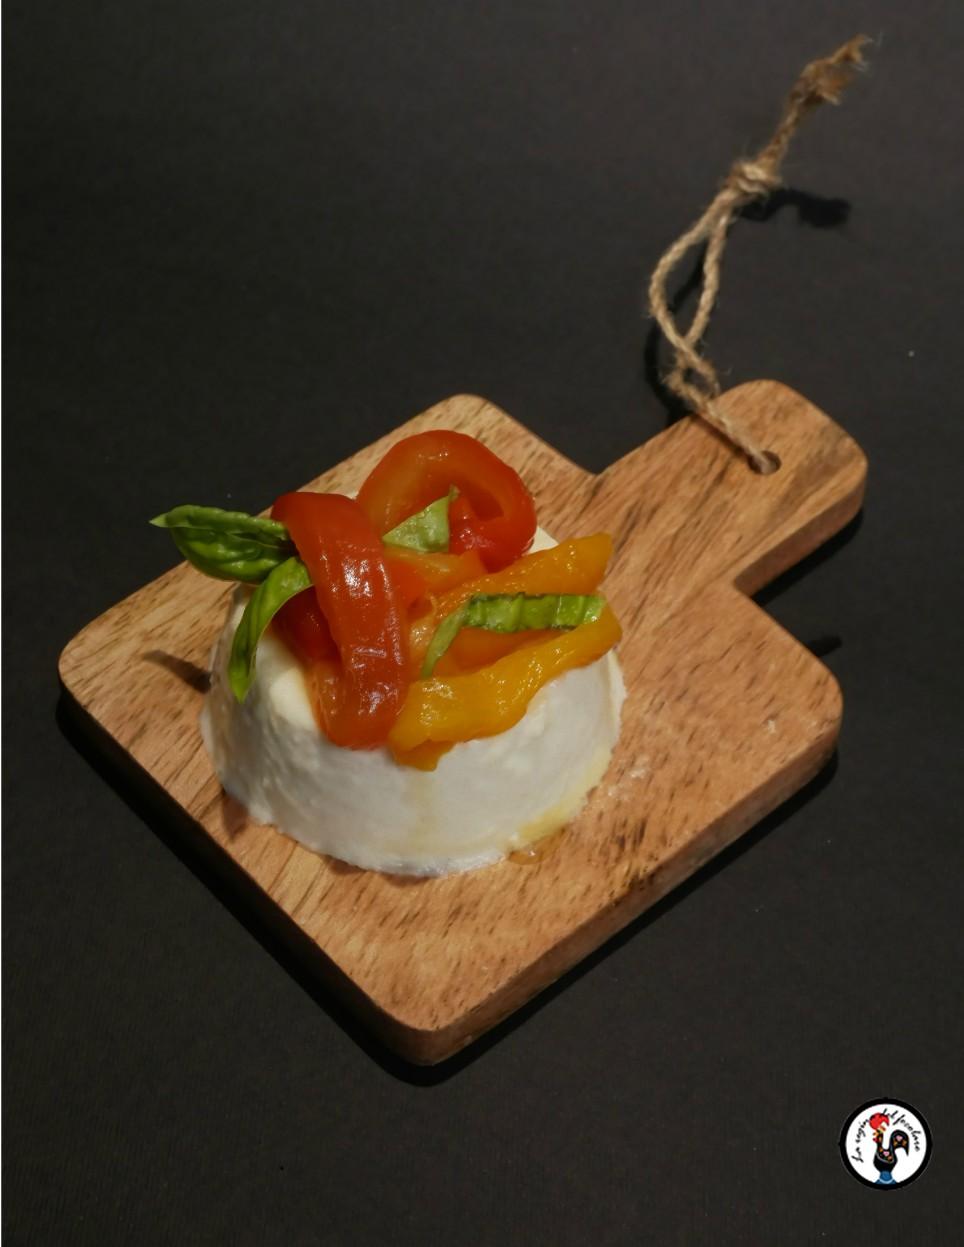 Panna cotta al parmigiano con peperoni al forno e basilico